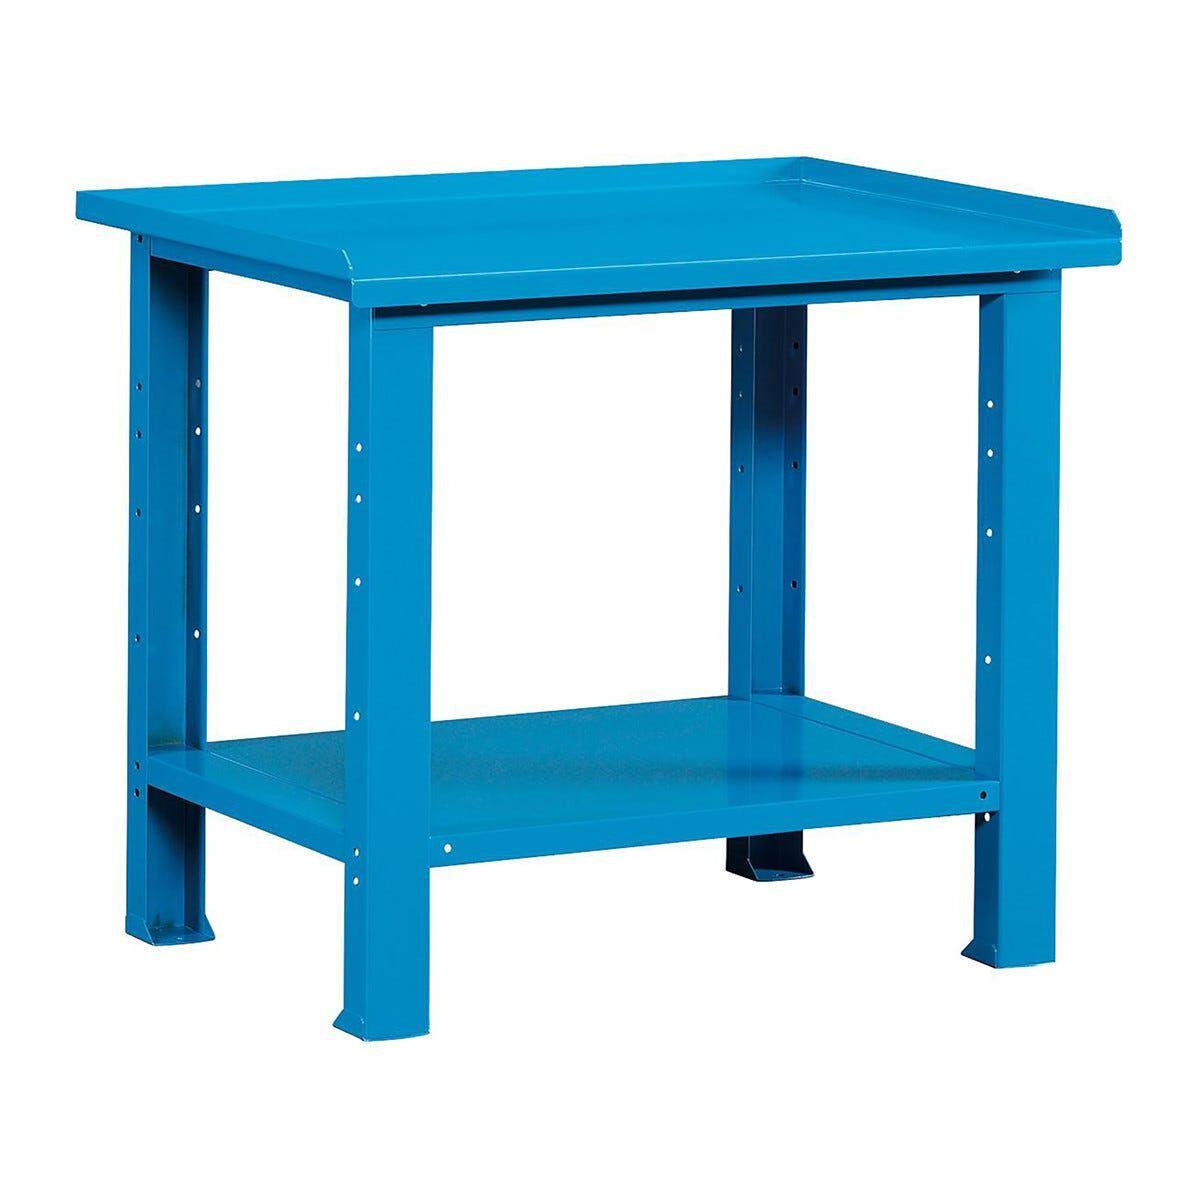 banco da lavoro 103,1x70,5x85,5 cm smontato piano in acciaio colore blu (lxpxh)